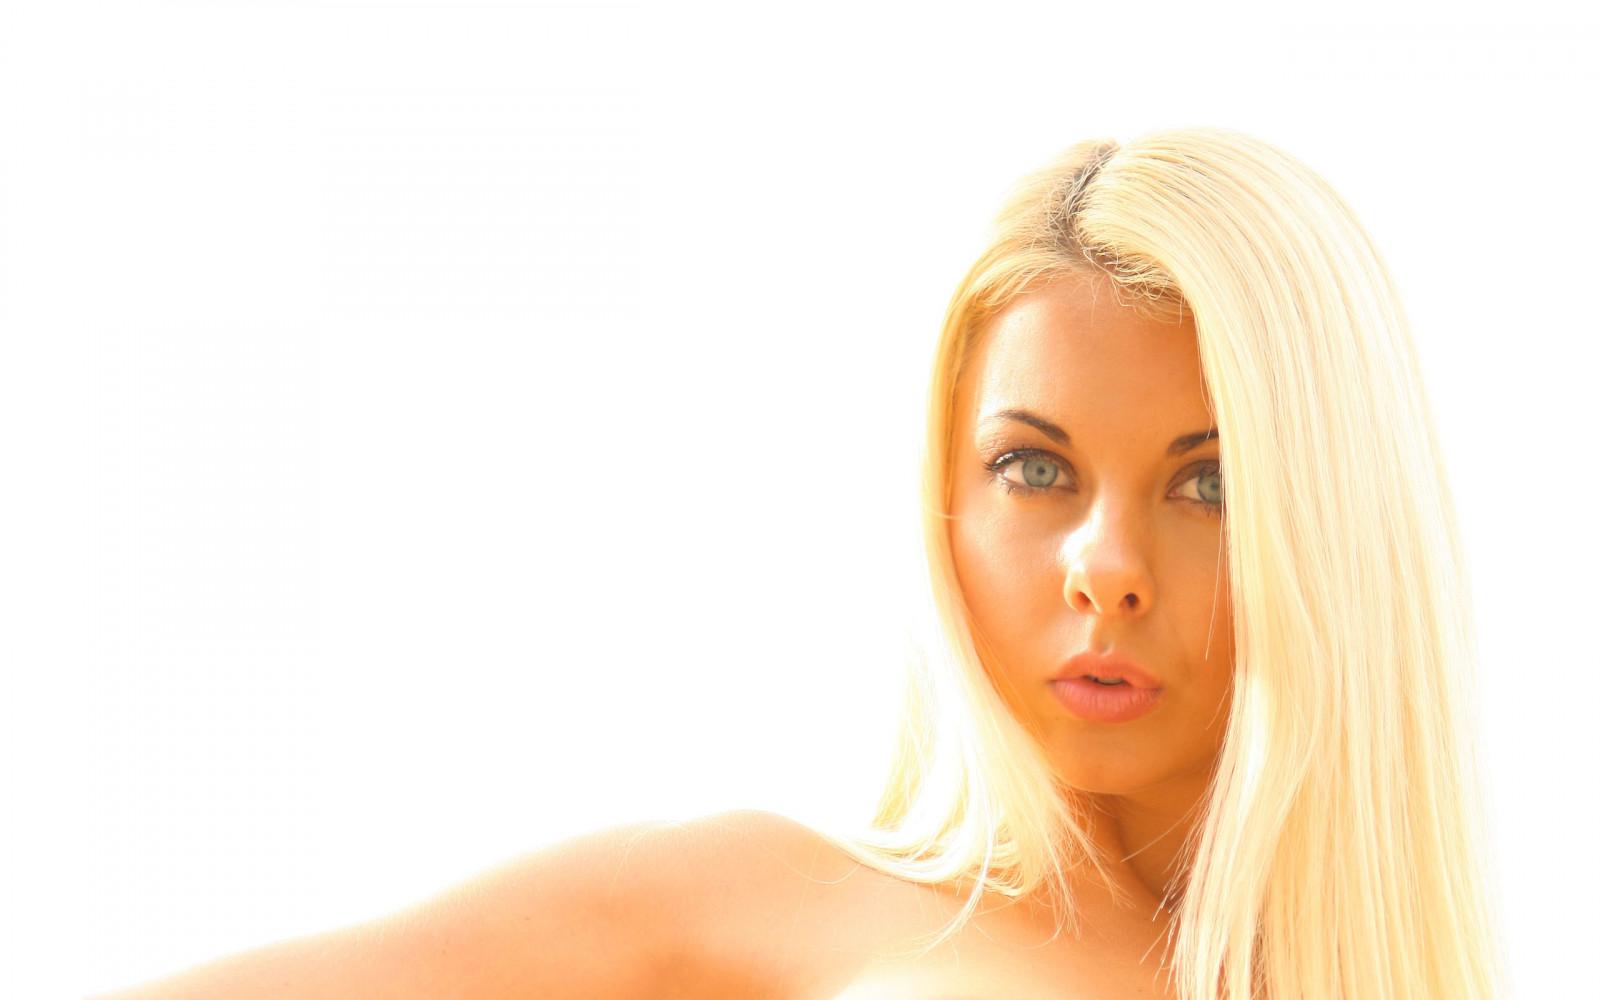 Сильвия сент голая, Silvia Saint » Эротика и порно в большом ассортименте 12 фотография